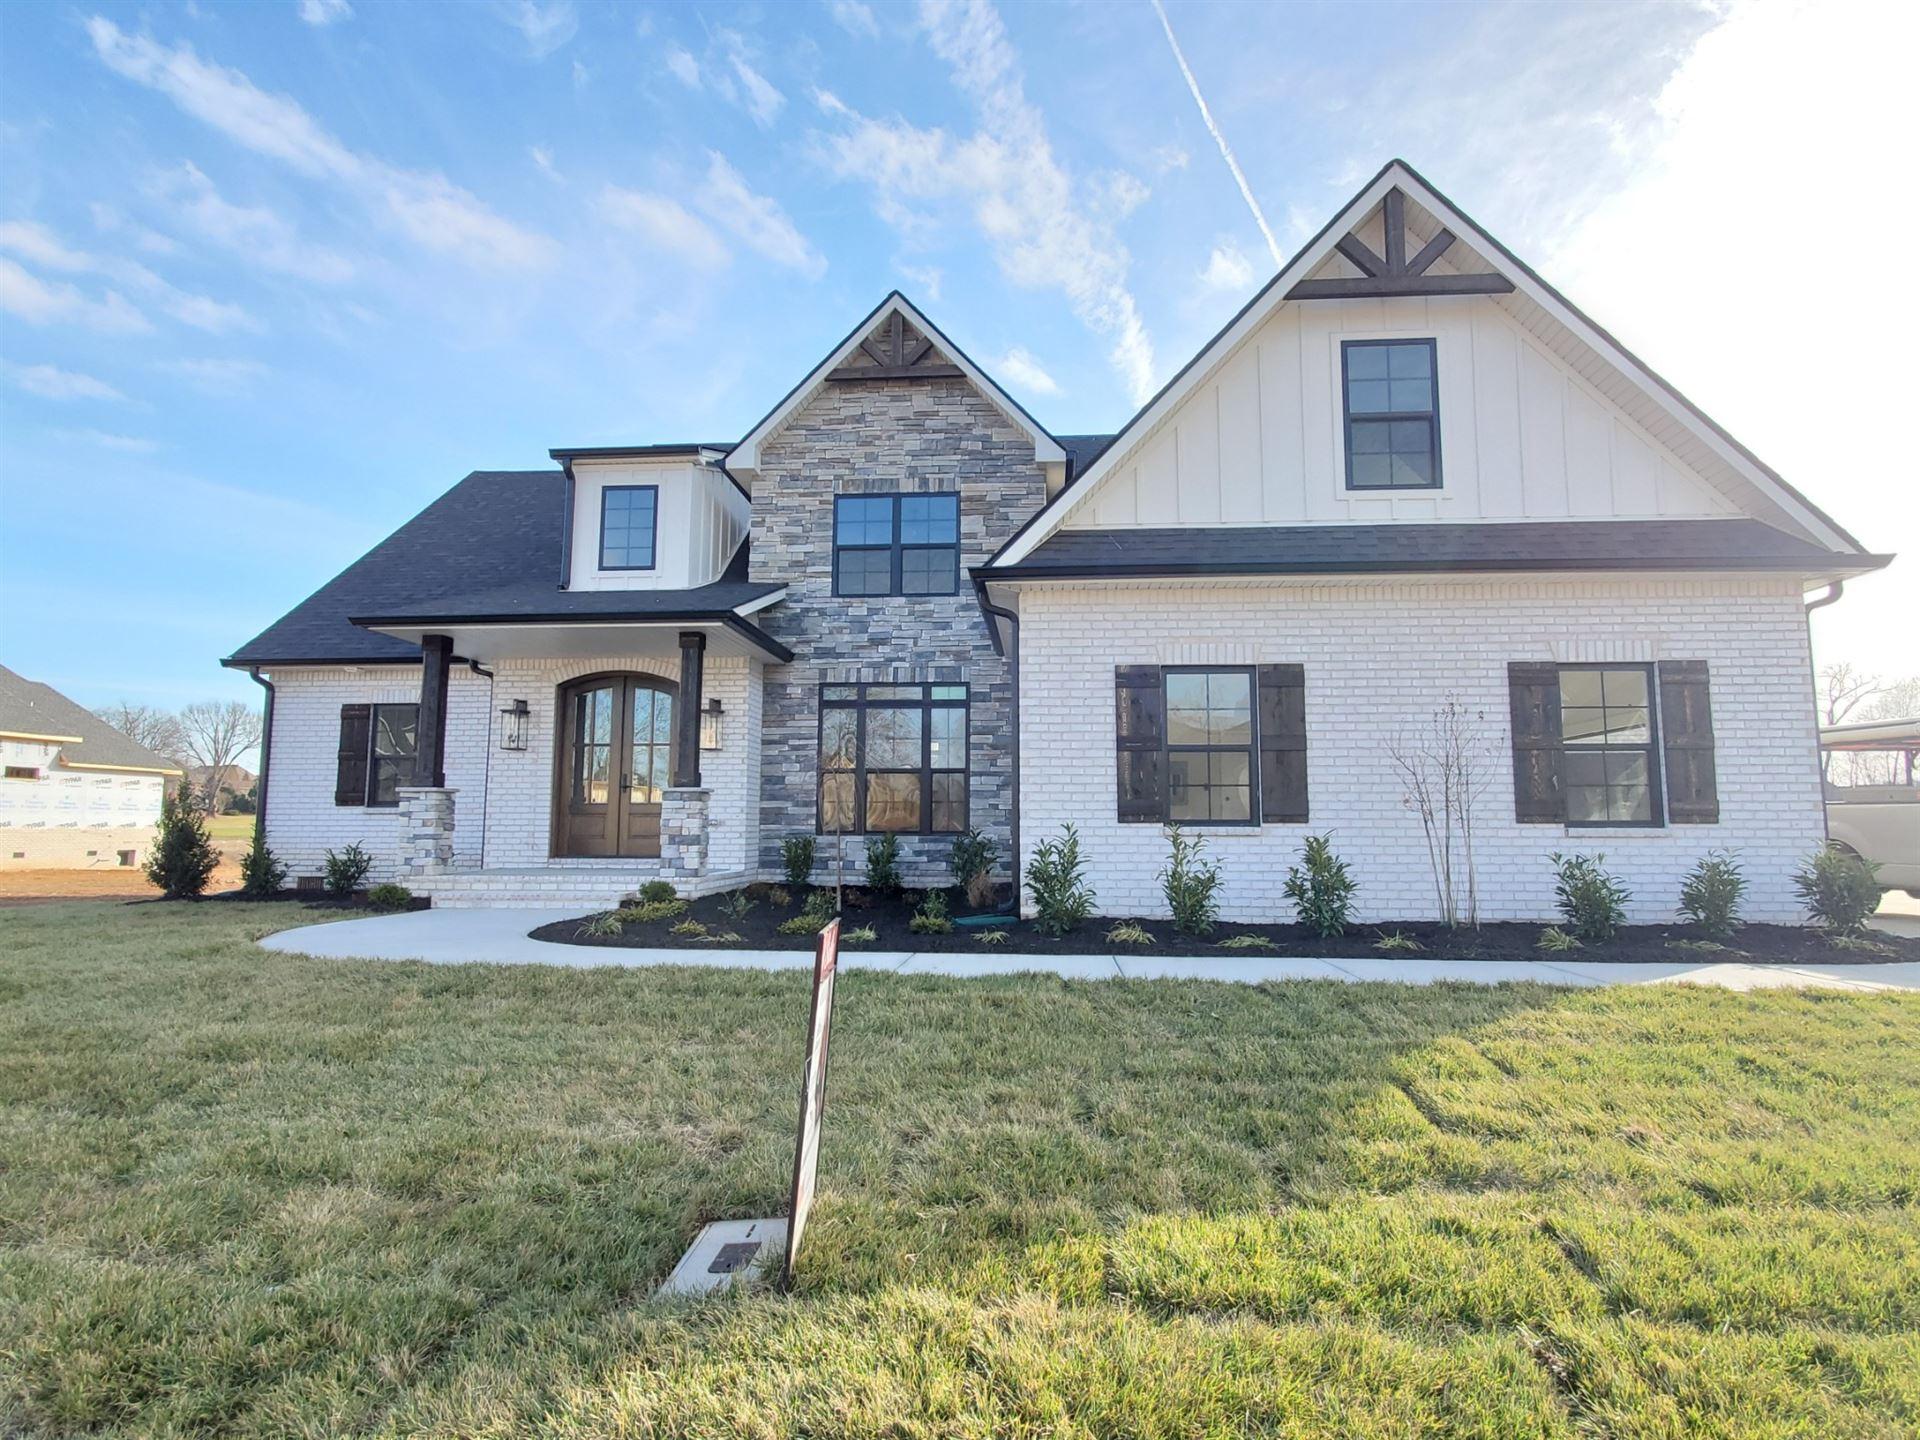 42 Copperstone, Clarksville, TN 37043 - MLS#: 2157849